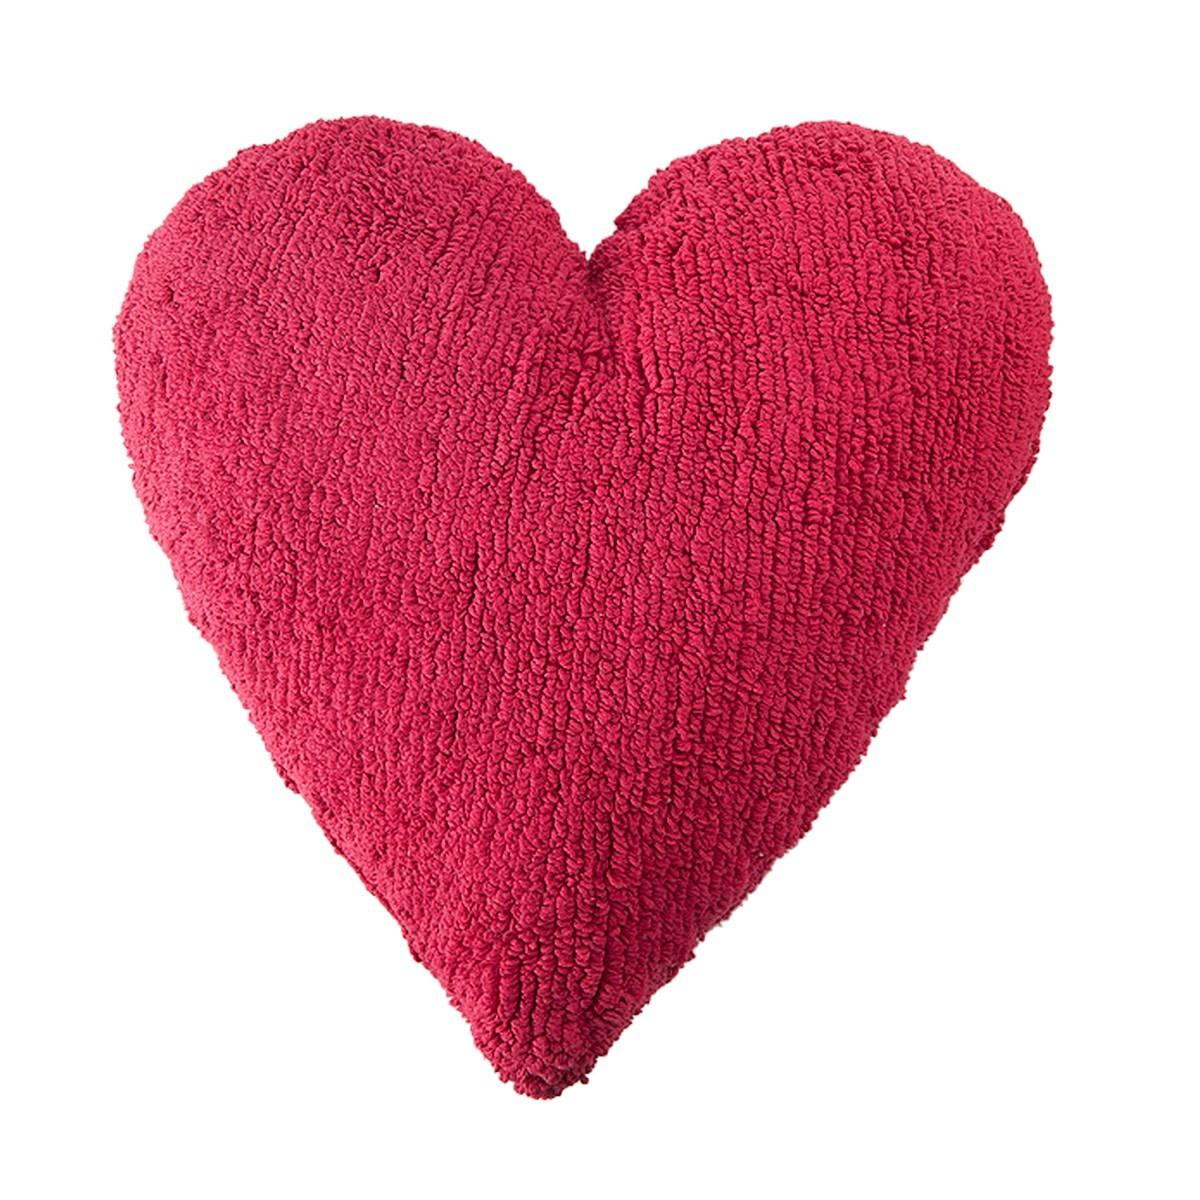 Διακοσμητικό Μαξιλάρι Lorena Canals Heart Fuchsia